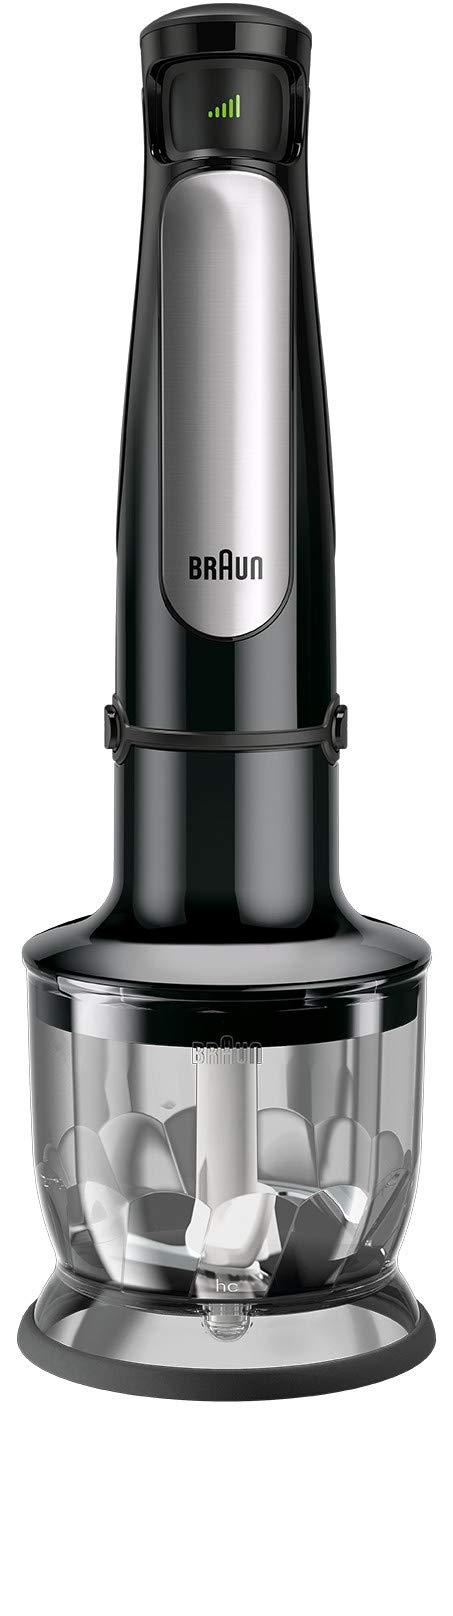 Braun-Multiquick-Stabmixer-1000-Watt-mit-ActiveBlade-Technologie-schwarzedelstahl